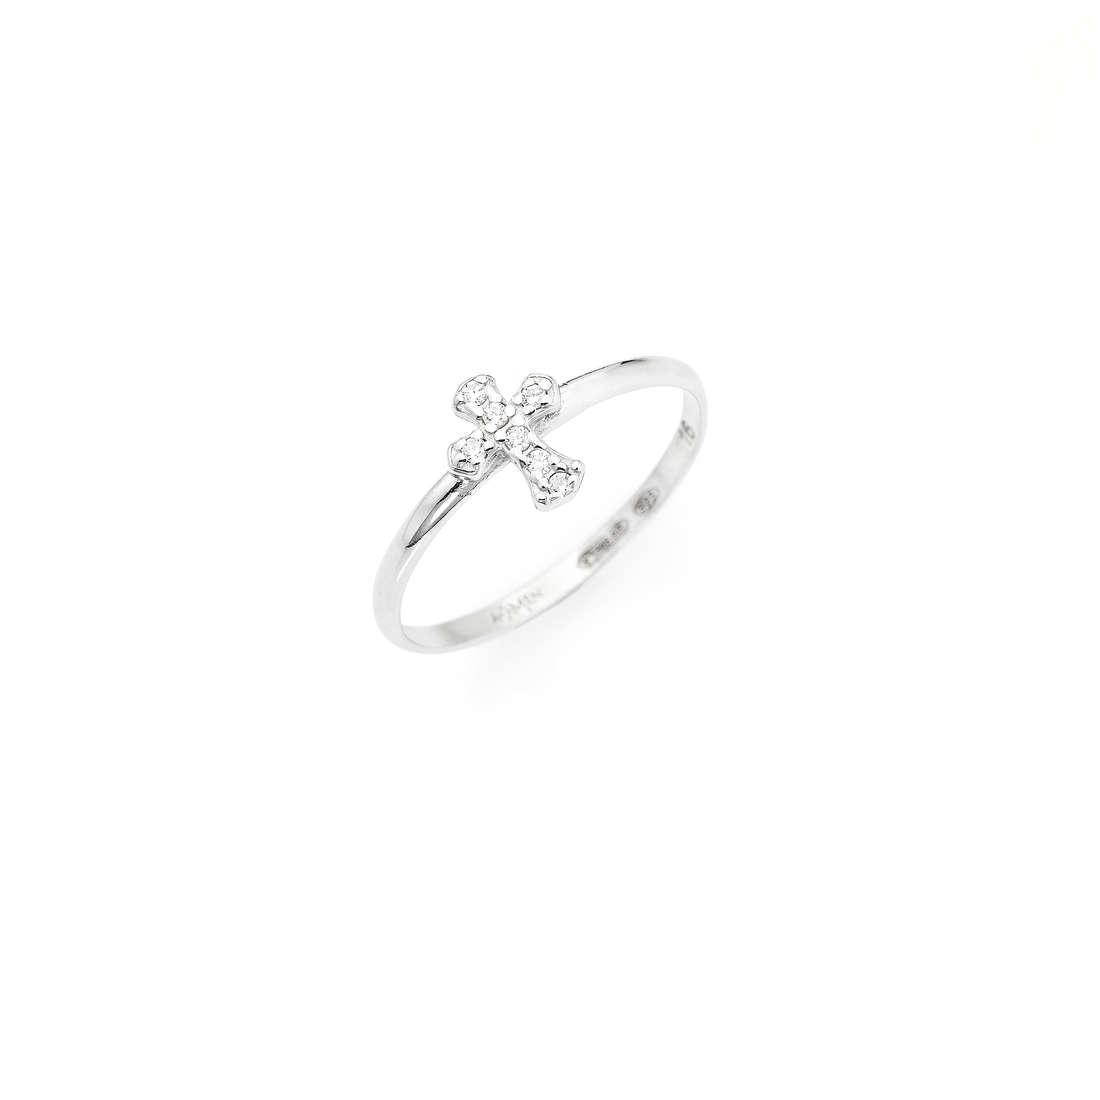 anello unisex gioielli Amen Prega, Ama ACZB-12